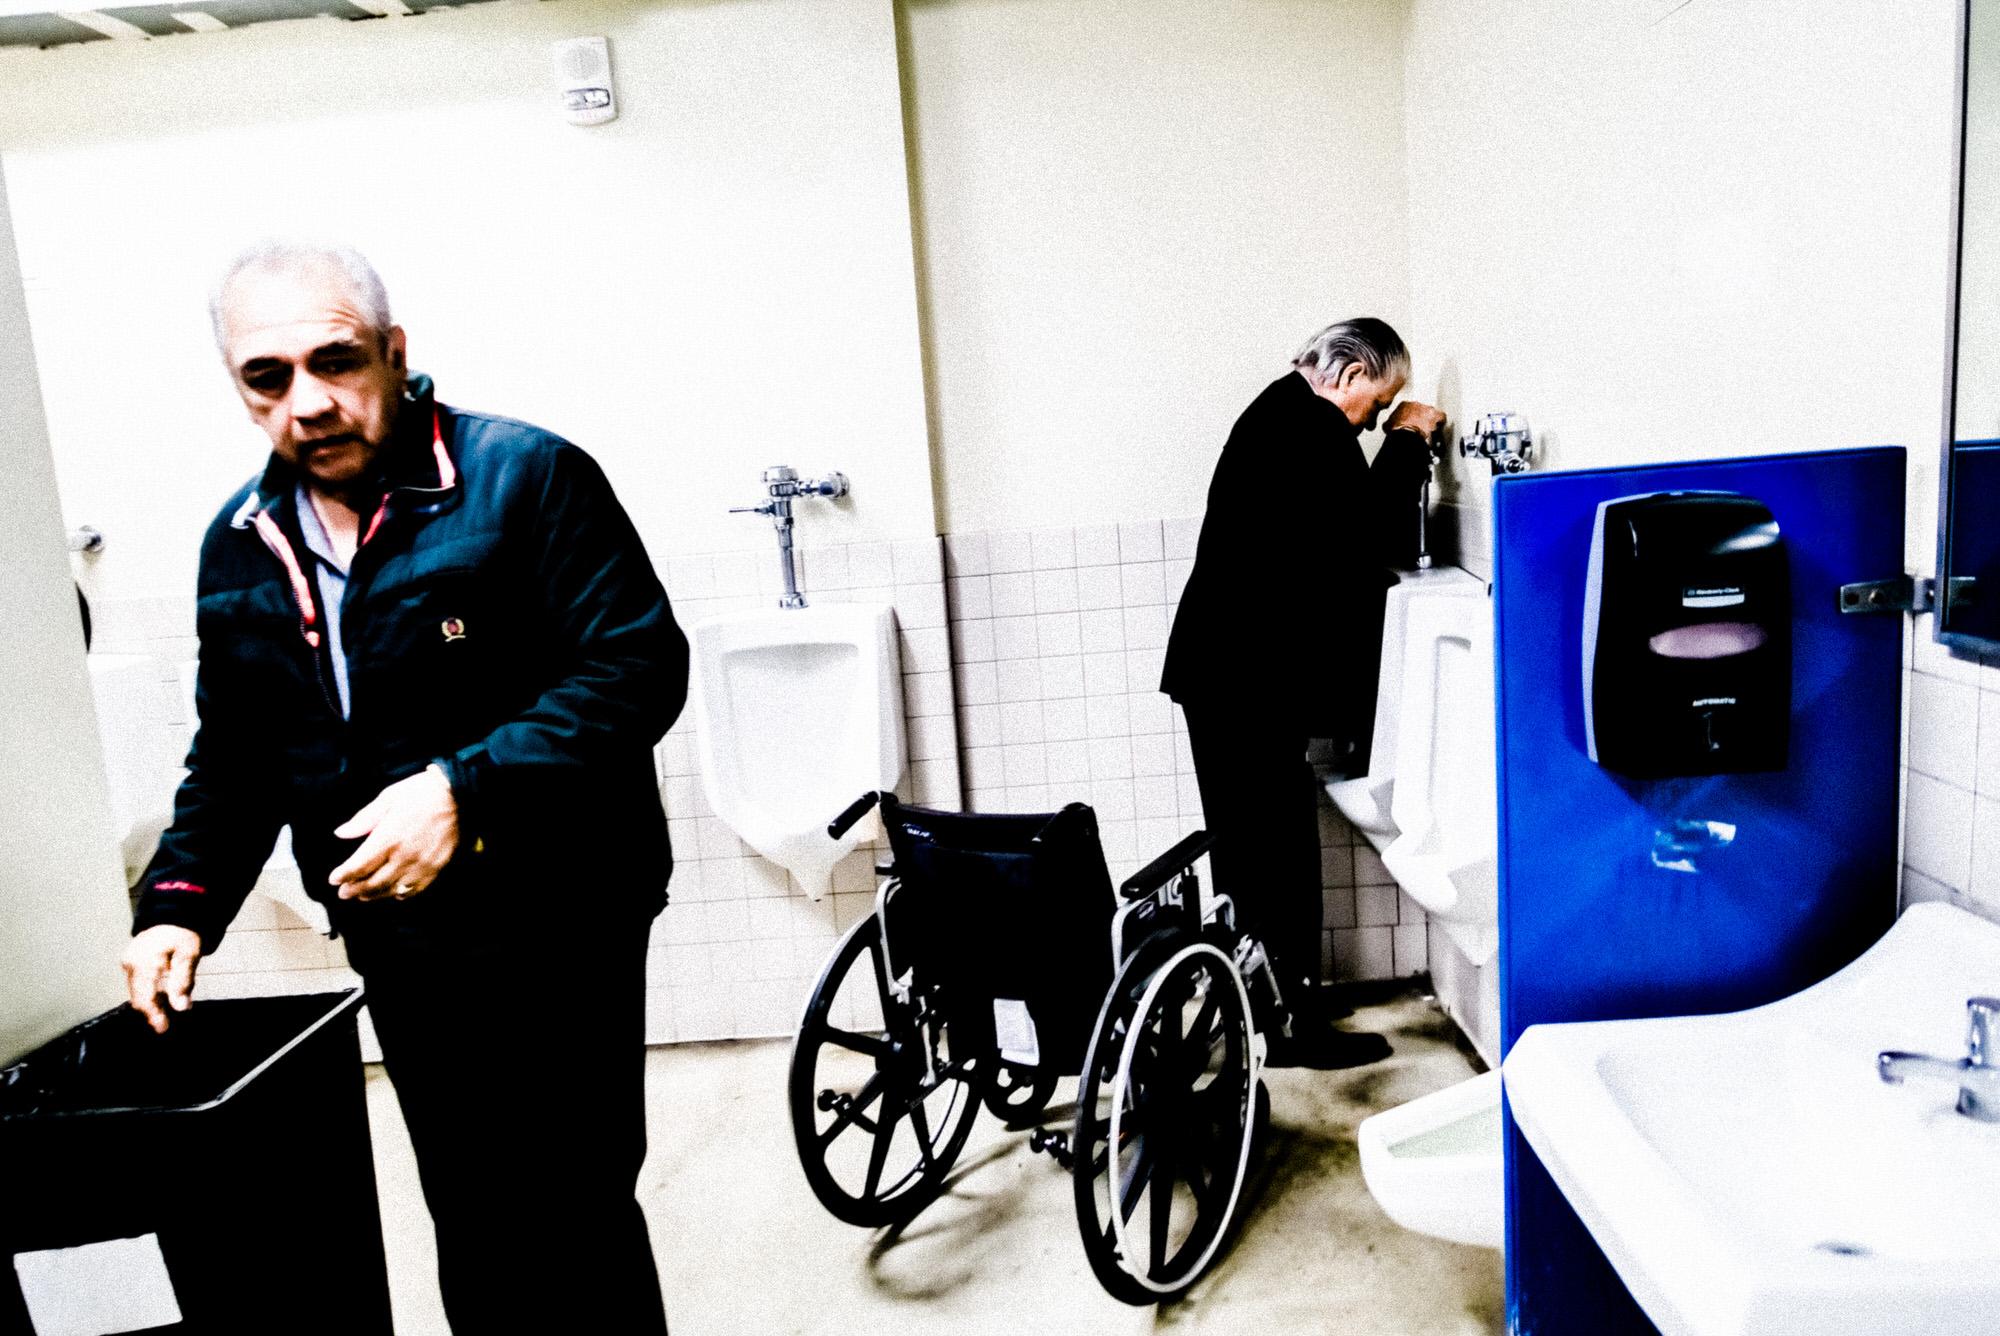 bathroom toilet los angeles suburbs- eric kim photography - 2018-1070231.jpg